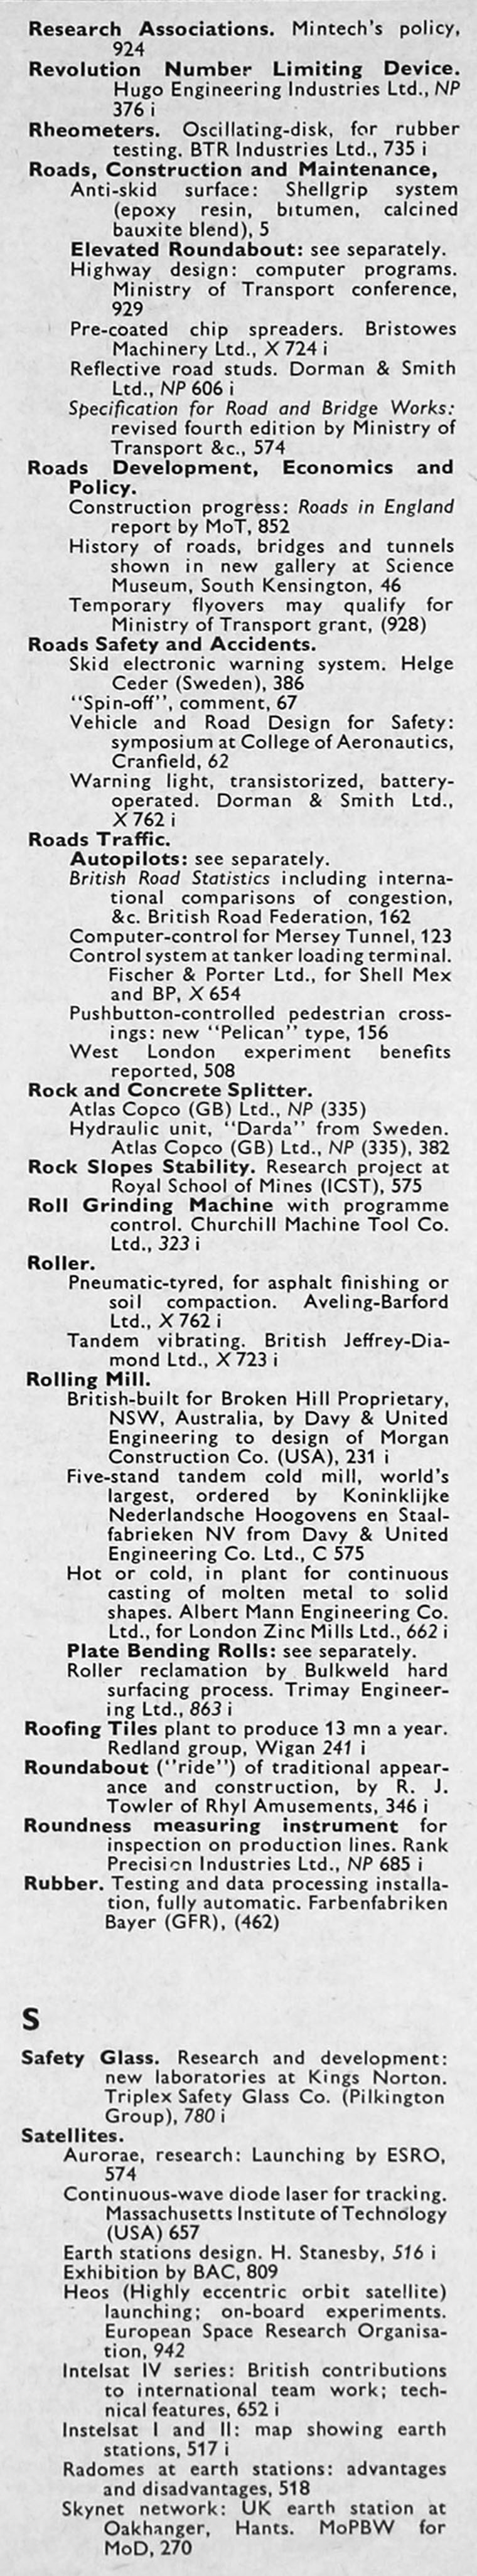 The Engineer 1968 Jul-Dec: Index